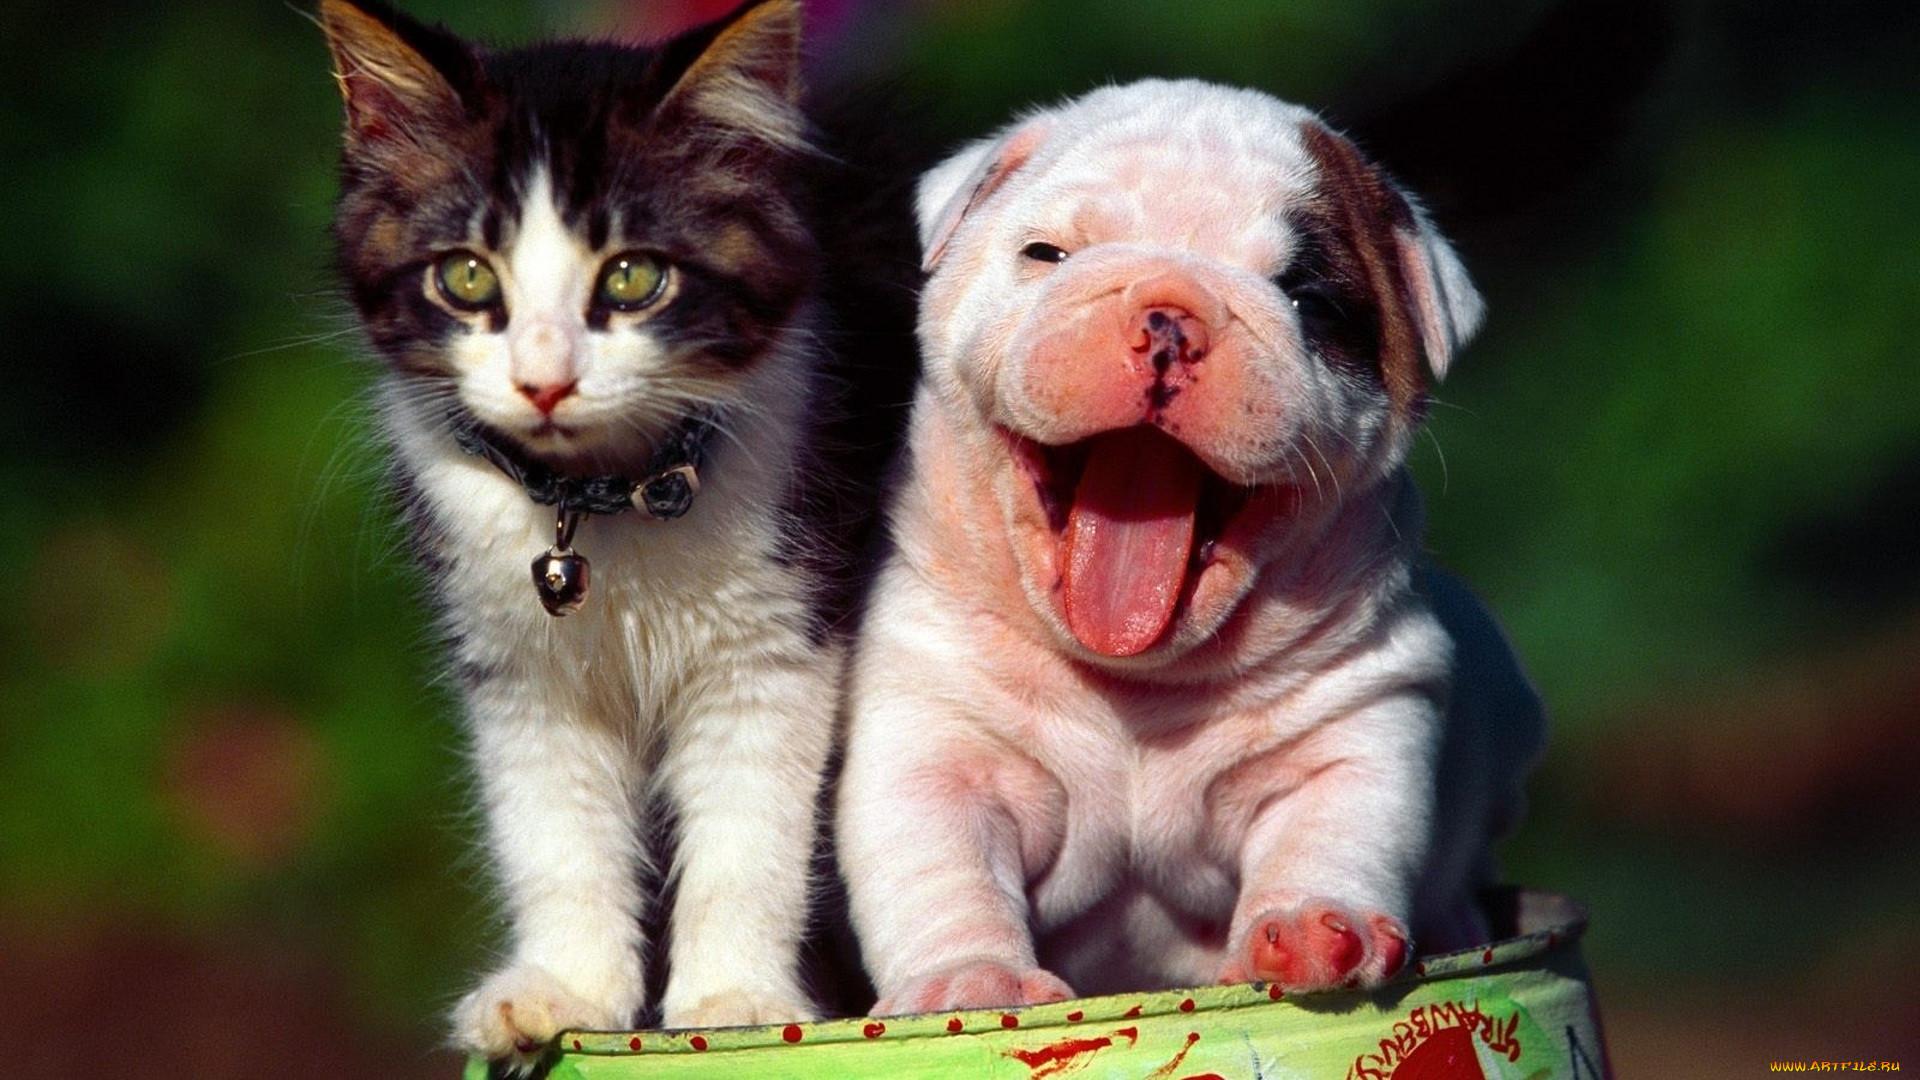 работе над картинки приколы про домашних животных современная селекция предлагает